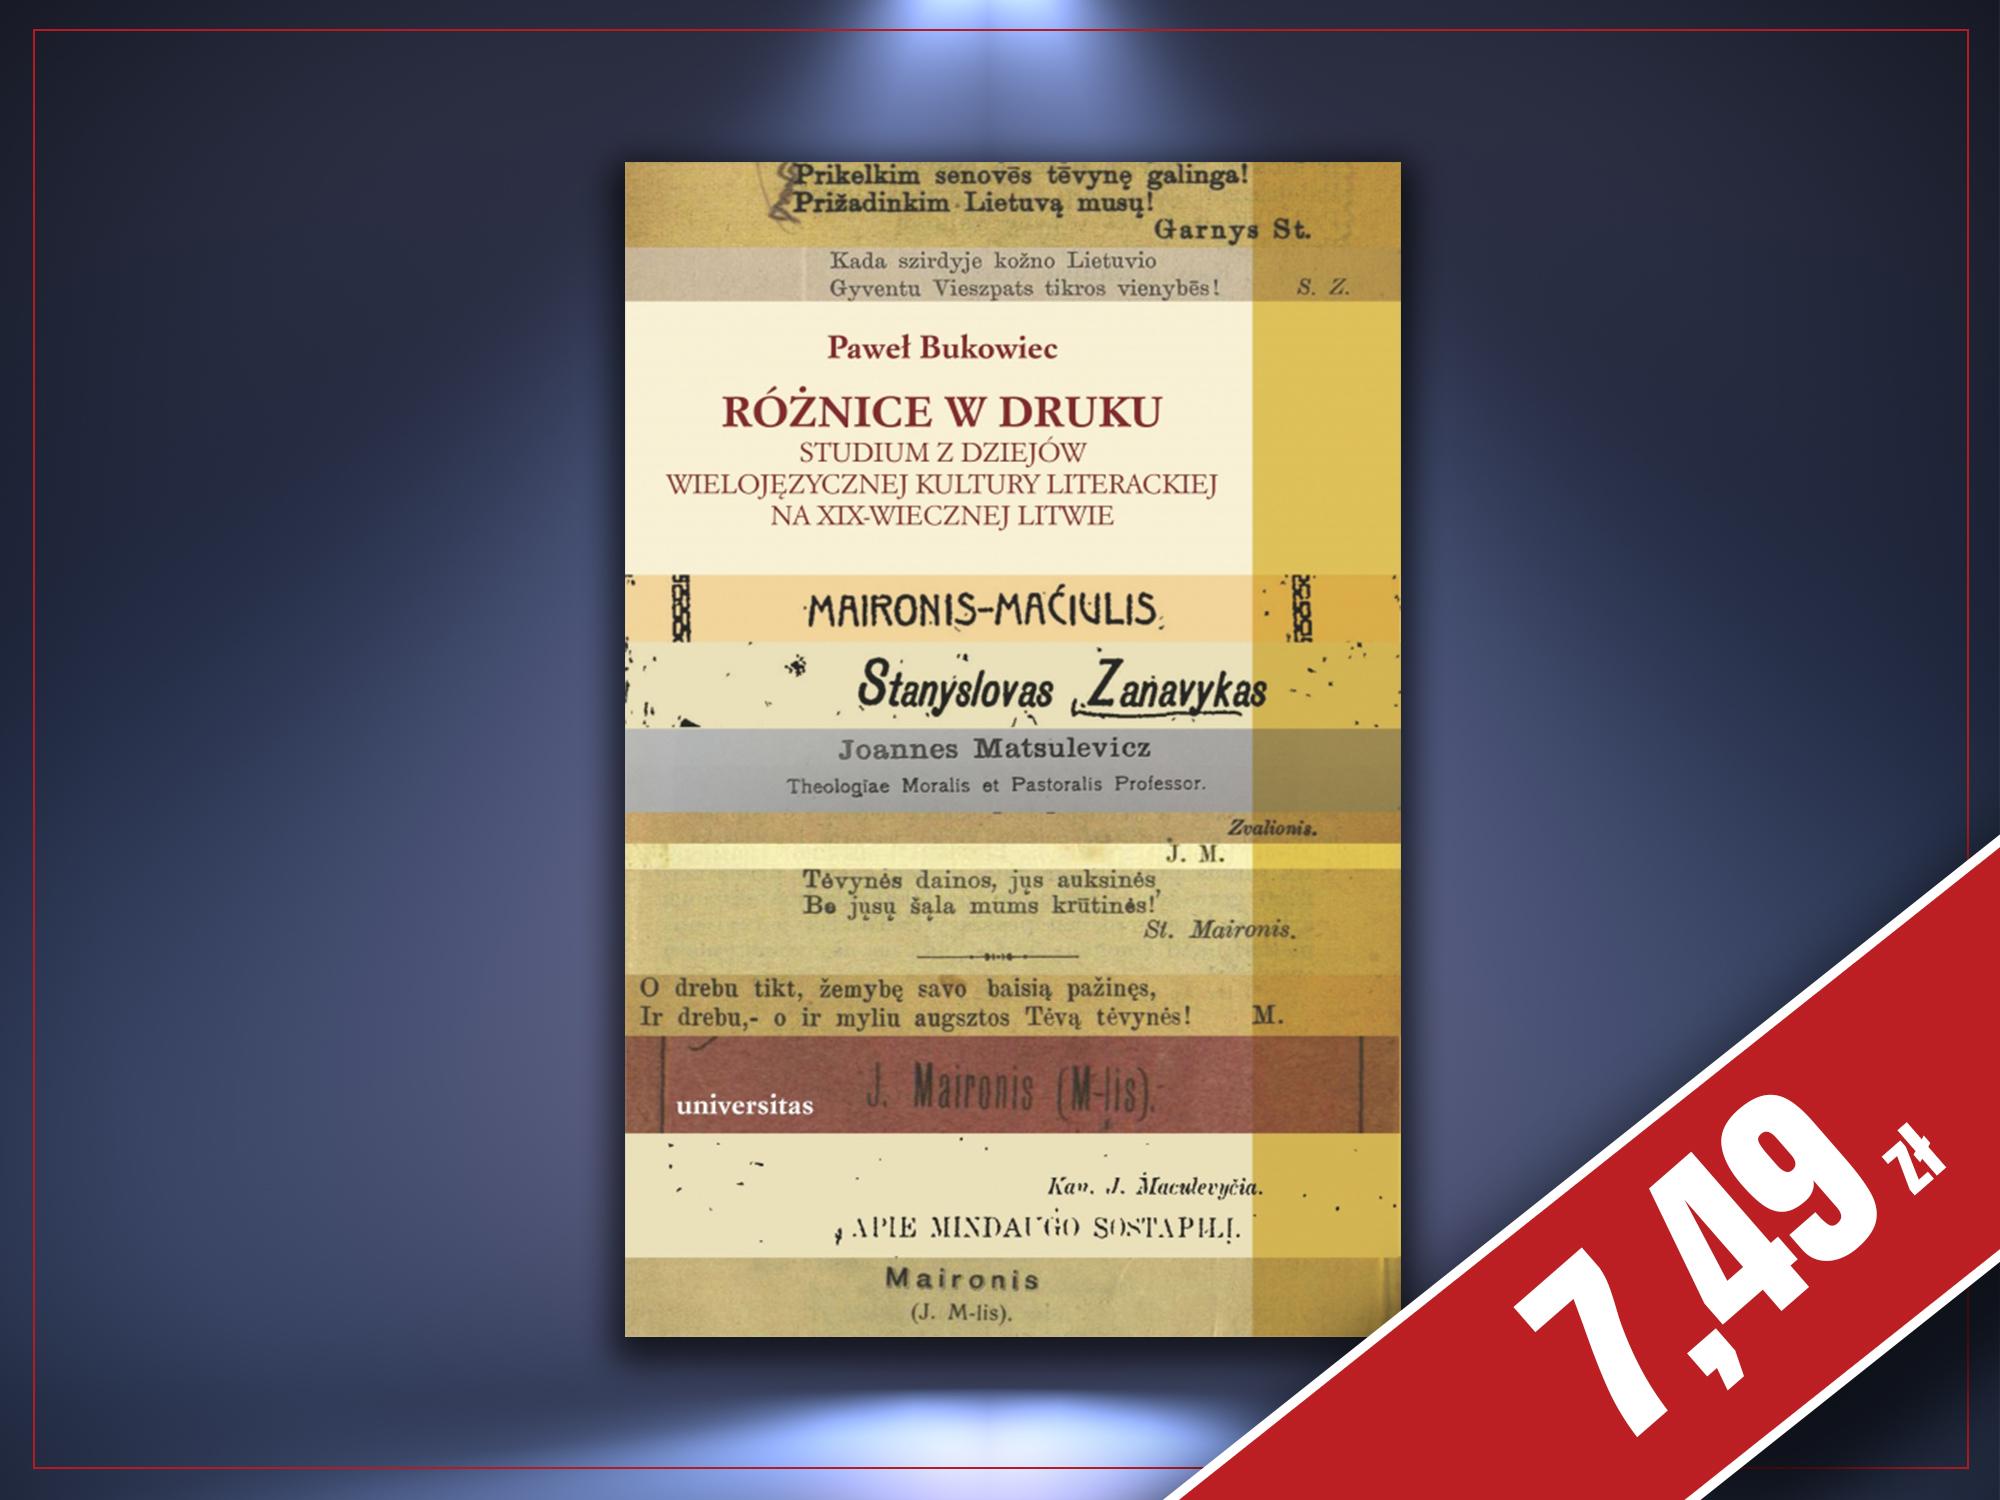 Różnice w druku. Studium z dziejów wielojęzycznej kultury literackiej na XIX-wiecznej Litwie, Paweł Bukowiec